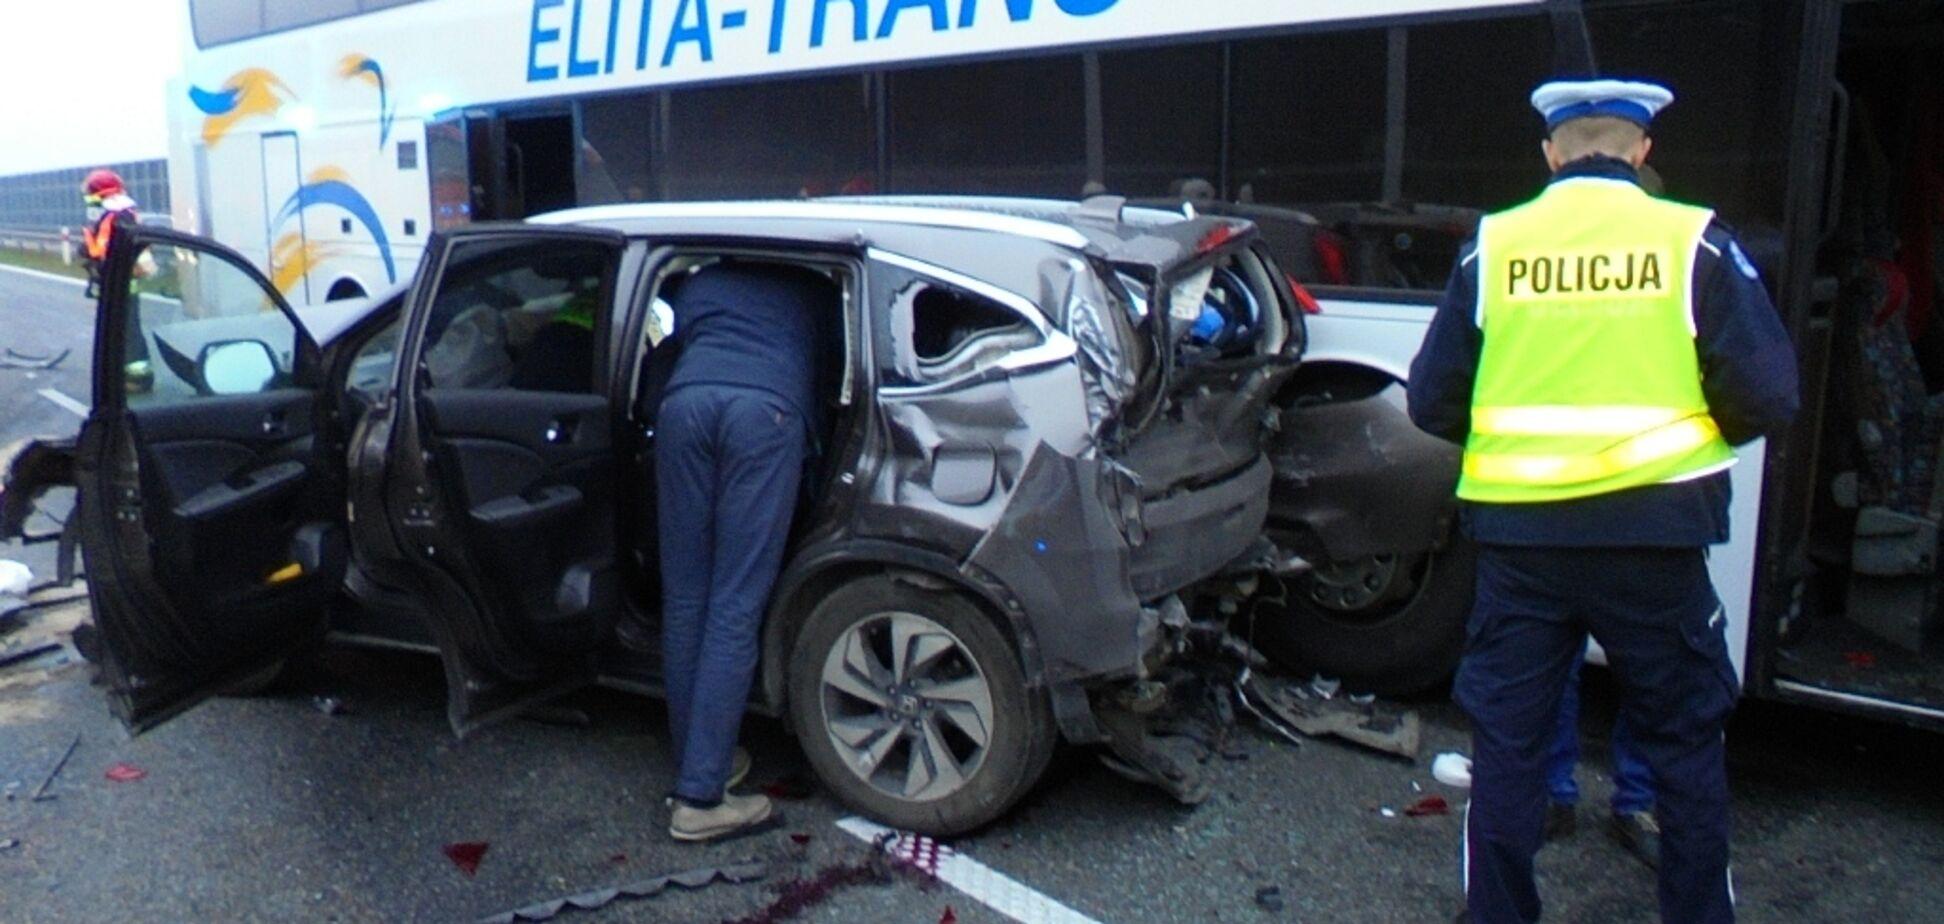 В Польше произошли жуткие ДТП с украинцами: много пострадавших, фото с места аварий